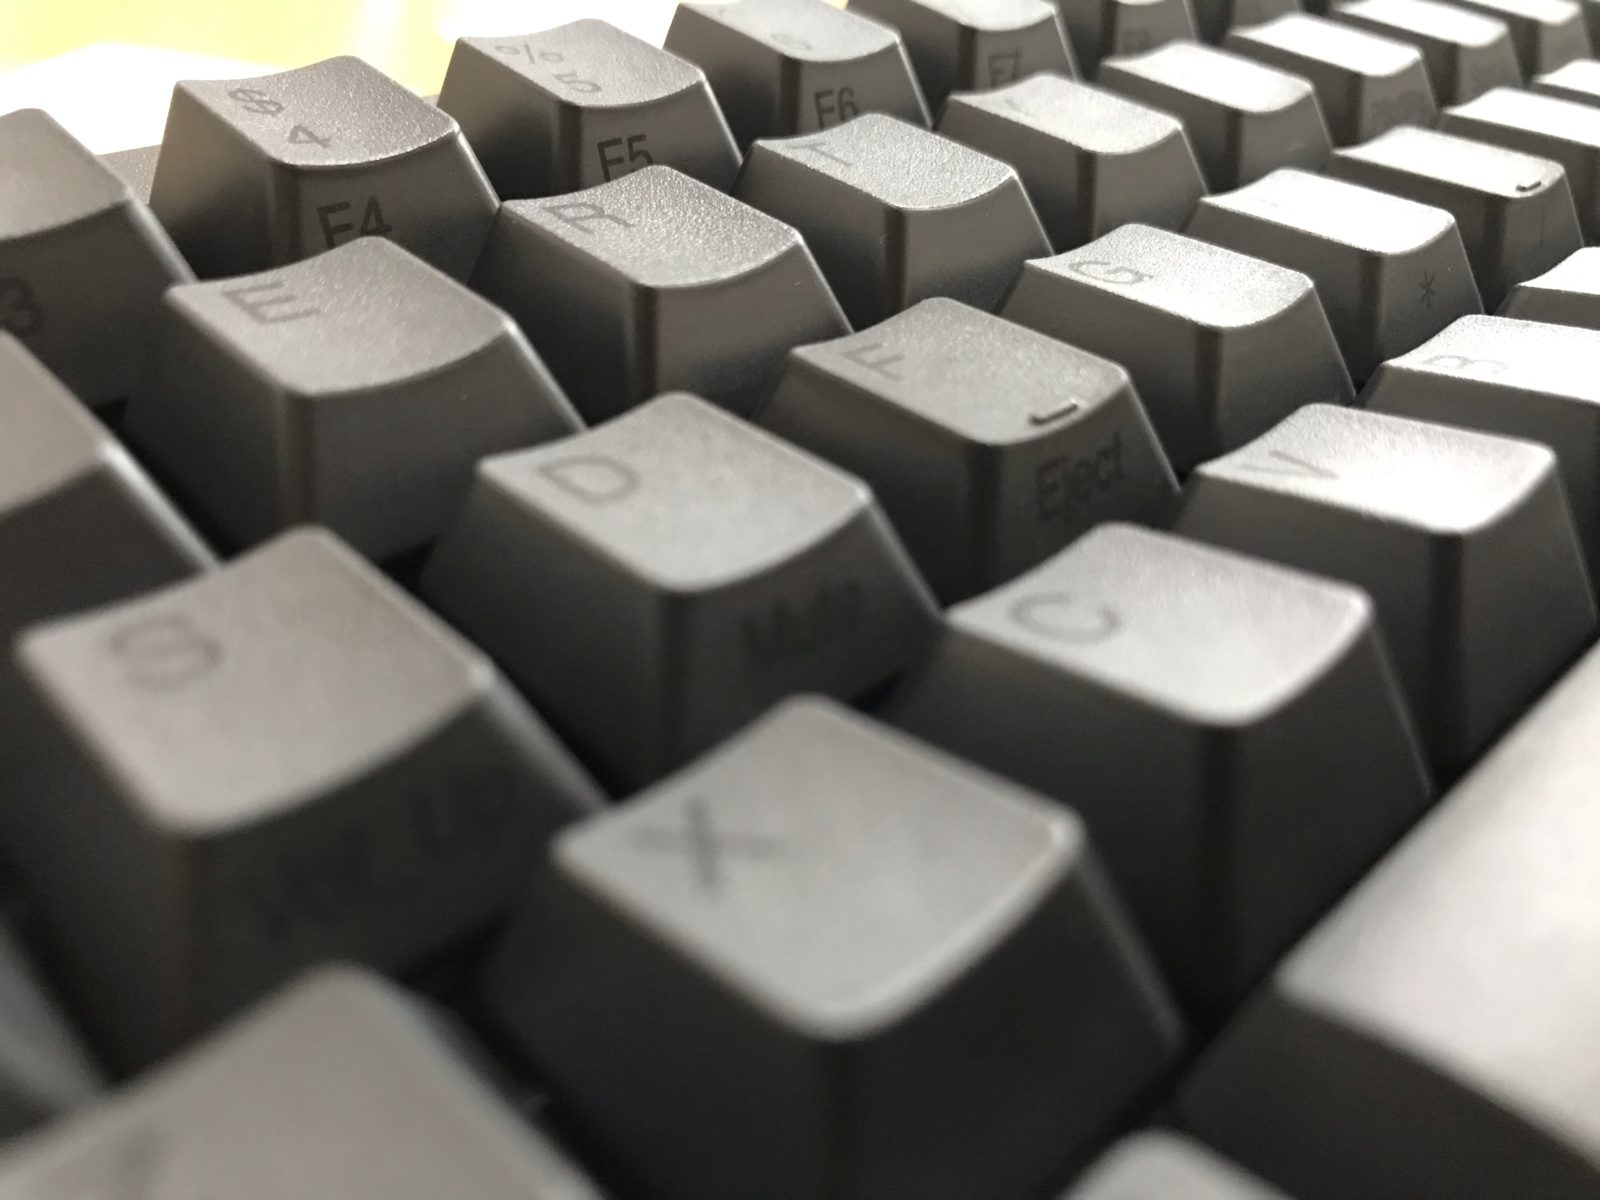 静電容量無接点方式とType-Sキー構造が採用されたキーボード